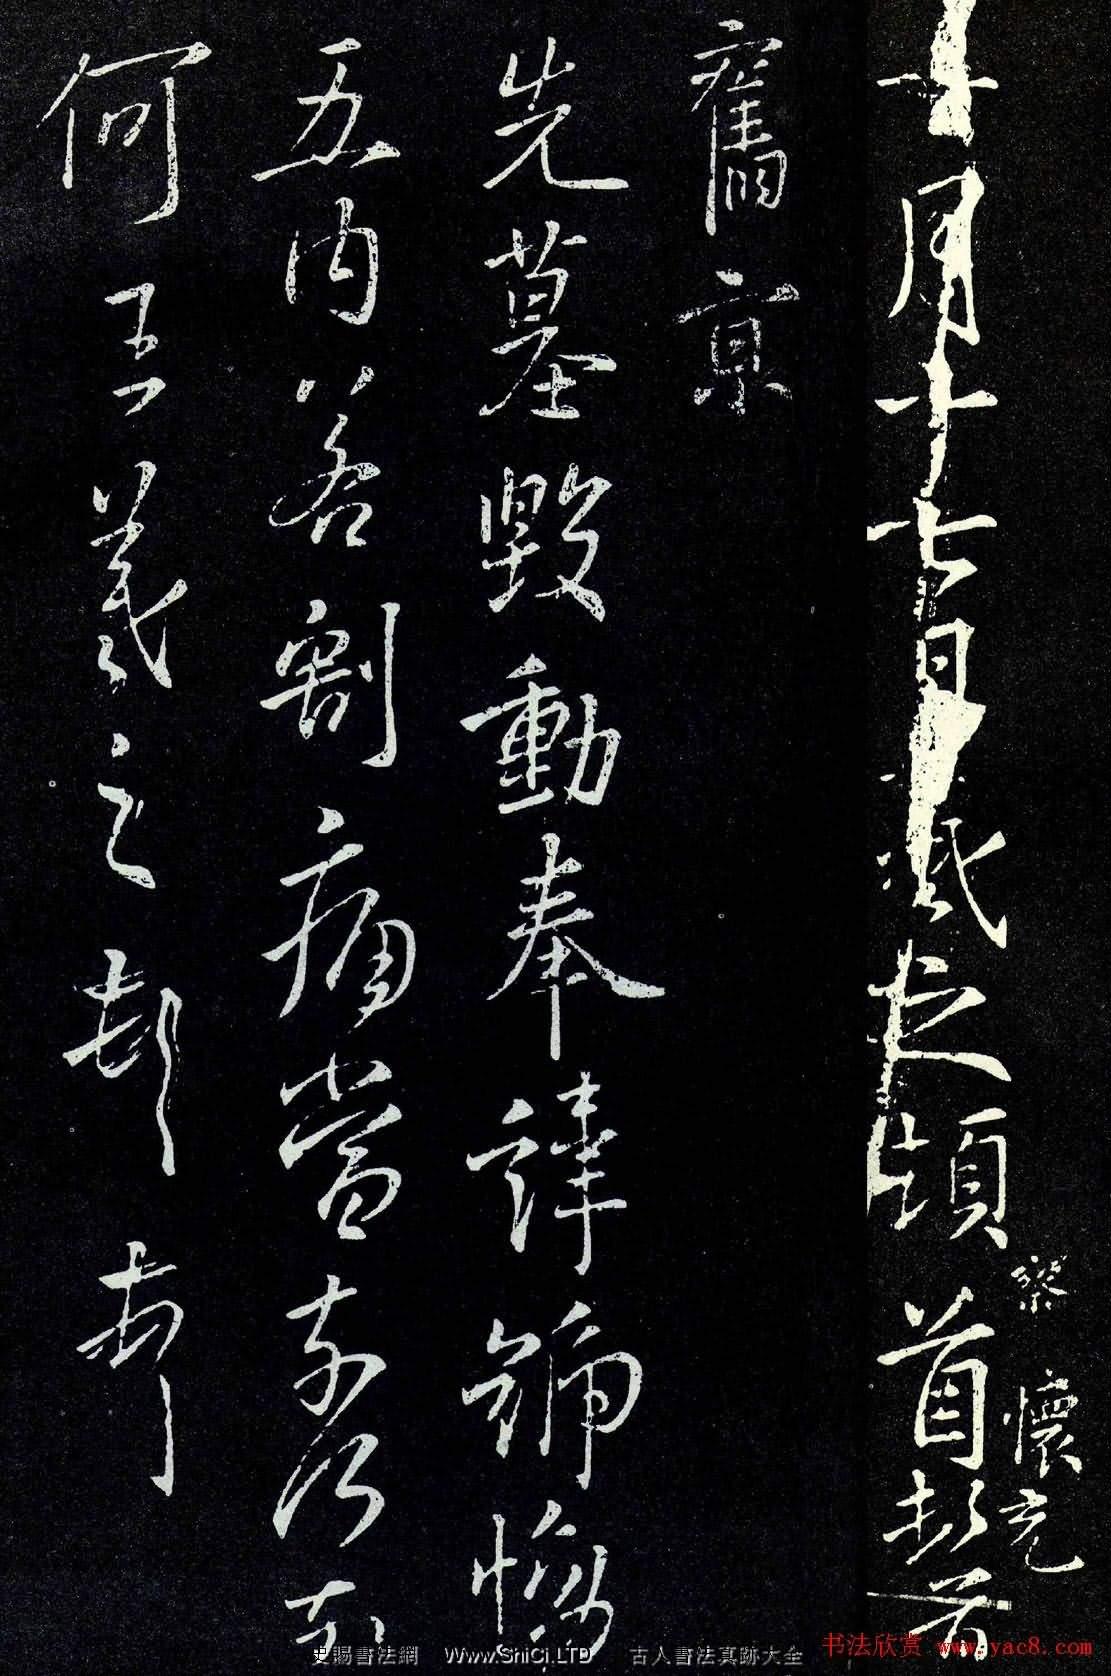 王羲之の書体は『先墓帖』を鑑賞しました。(全部で2枚の写真)